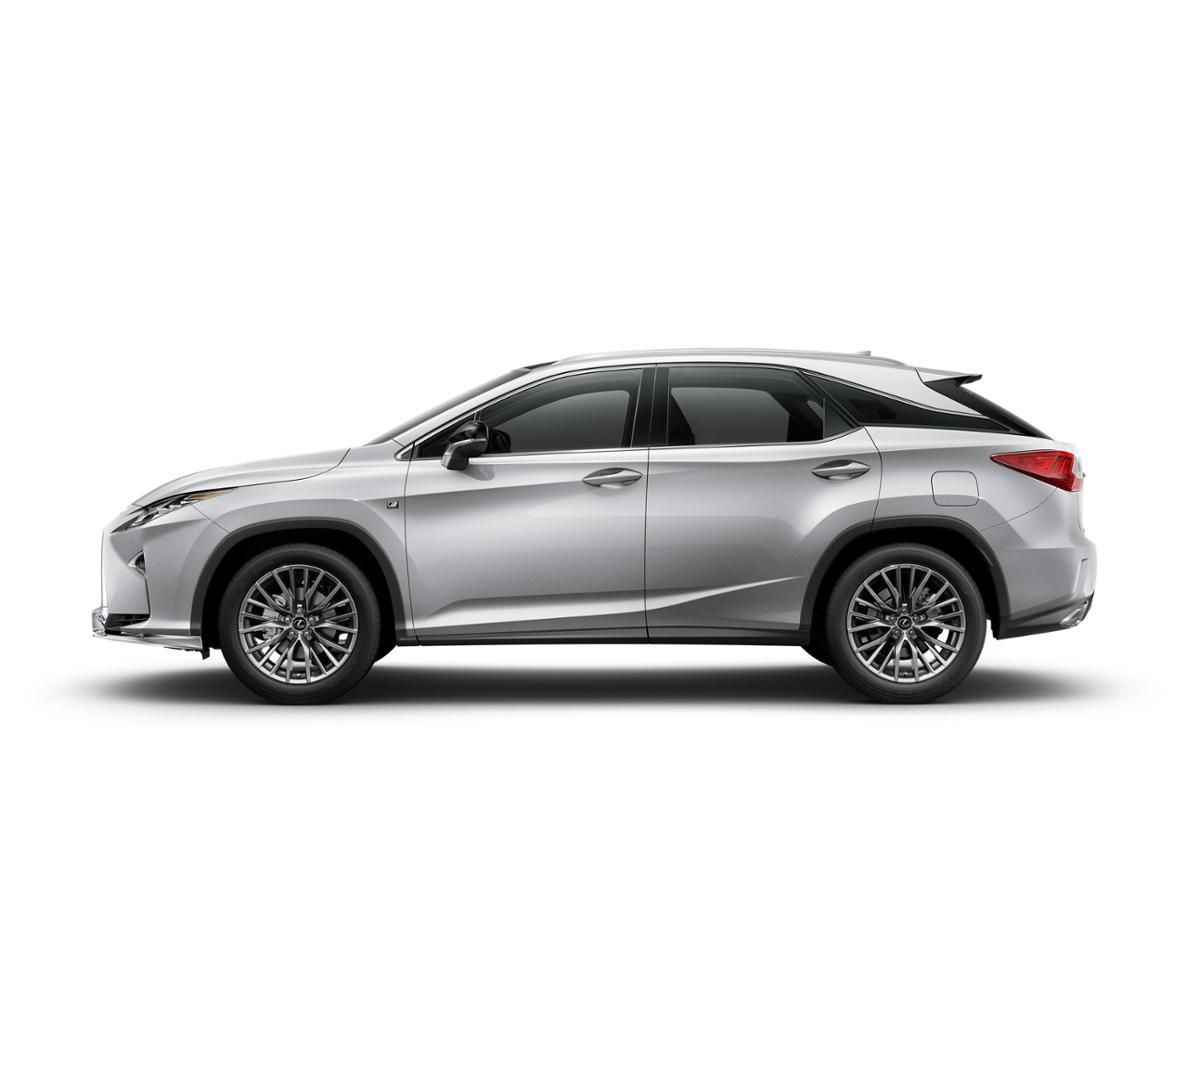 Lexus Of Memphis Used Cars: 2019 Lexus RX 350